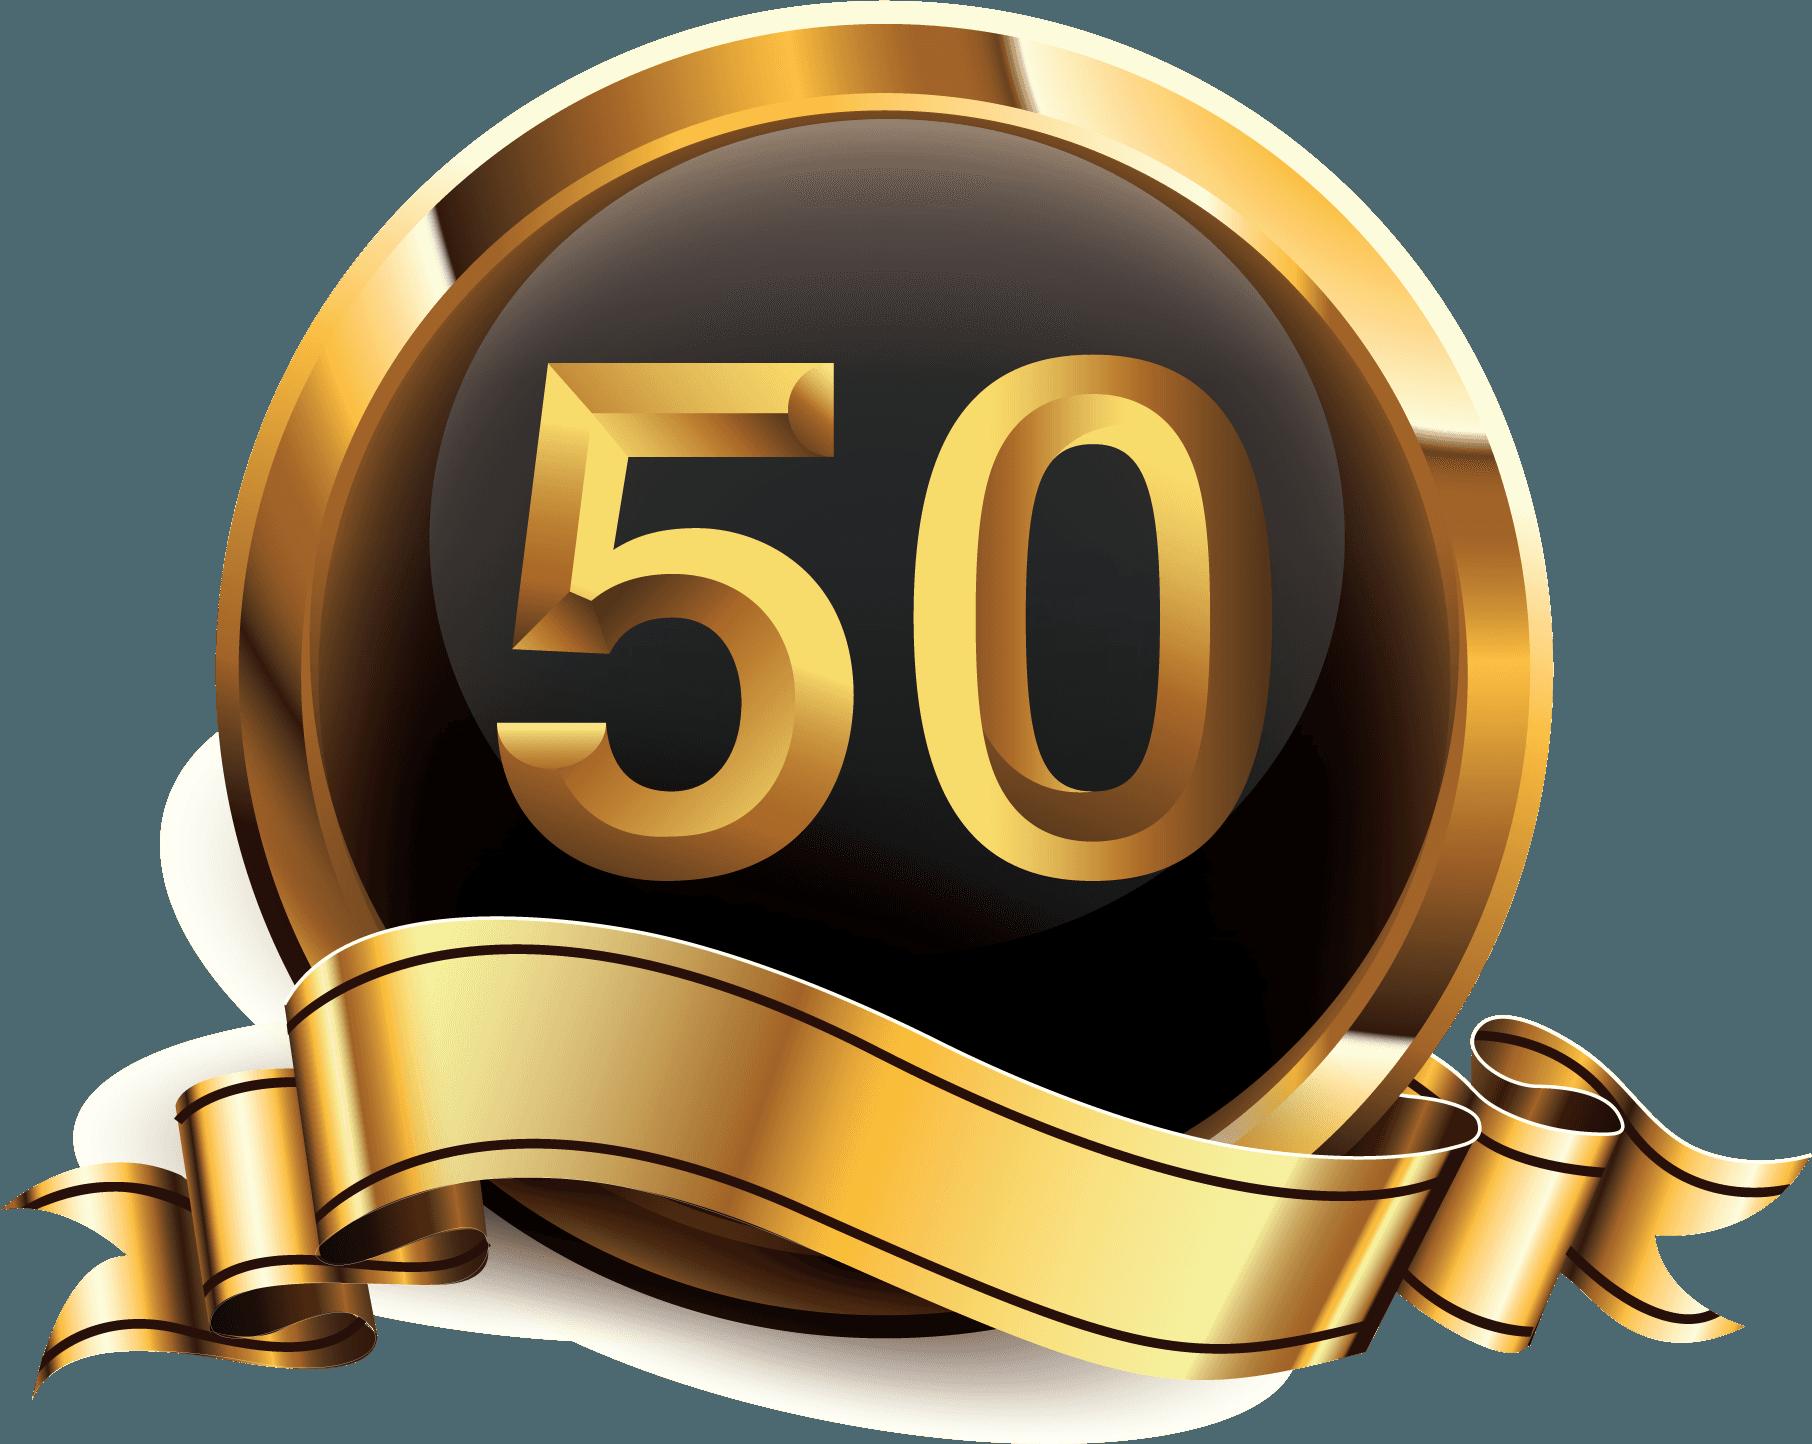 50 anni al servizio